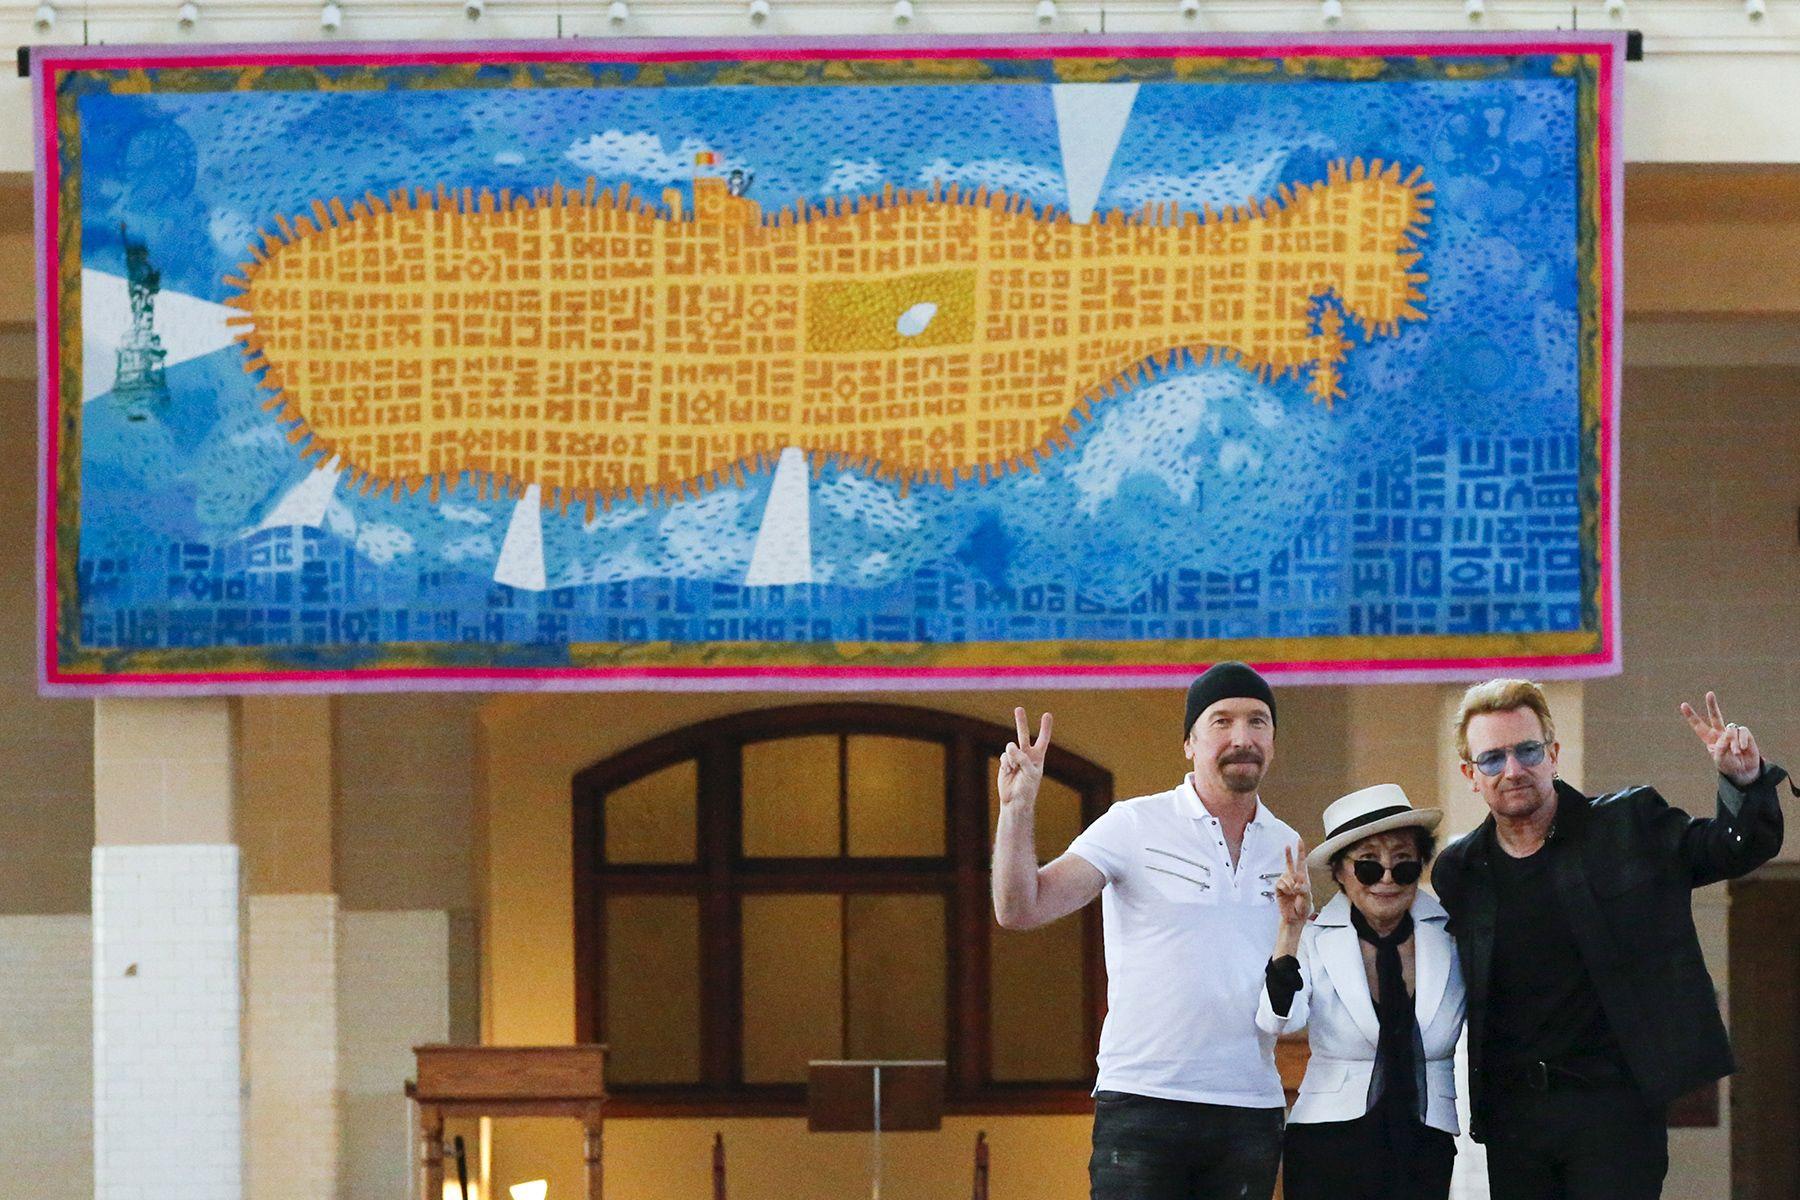 Nova York homenageia John Lennon com tapeçaria de submarino amarelo